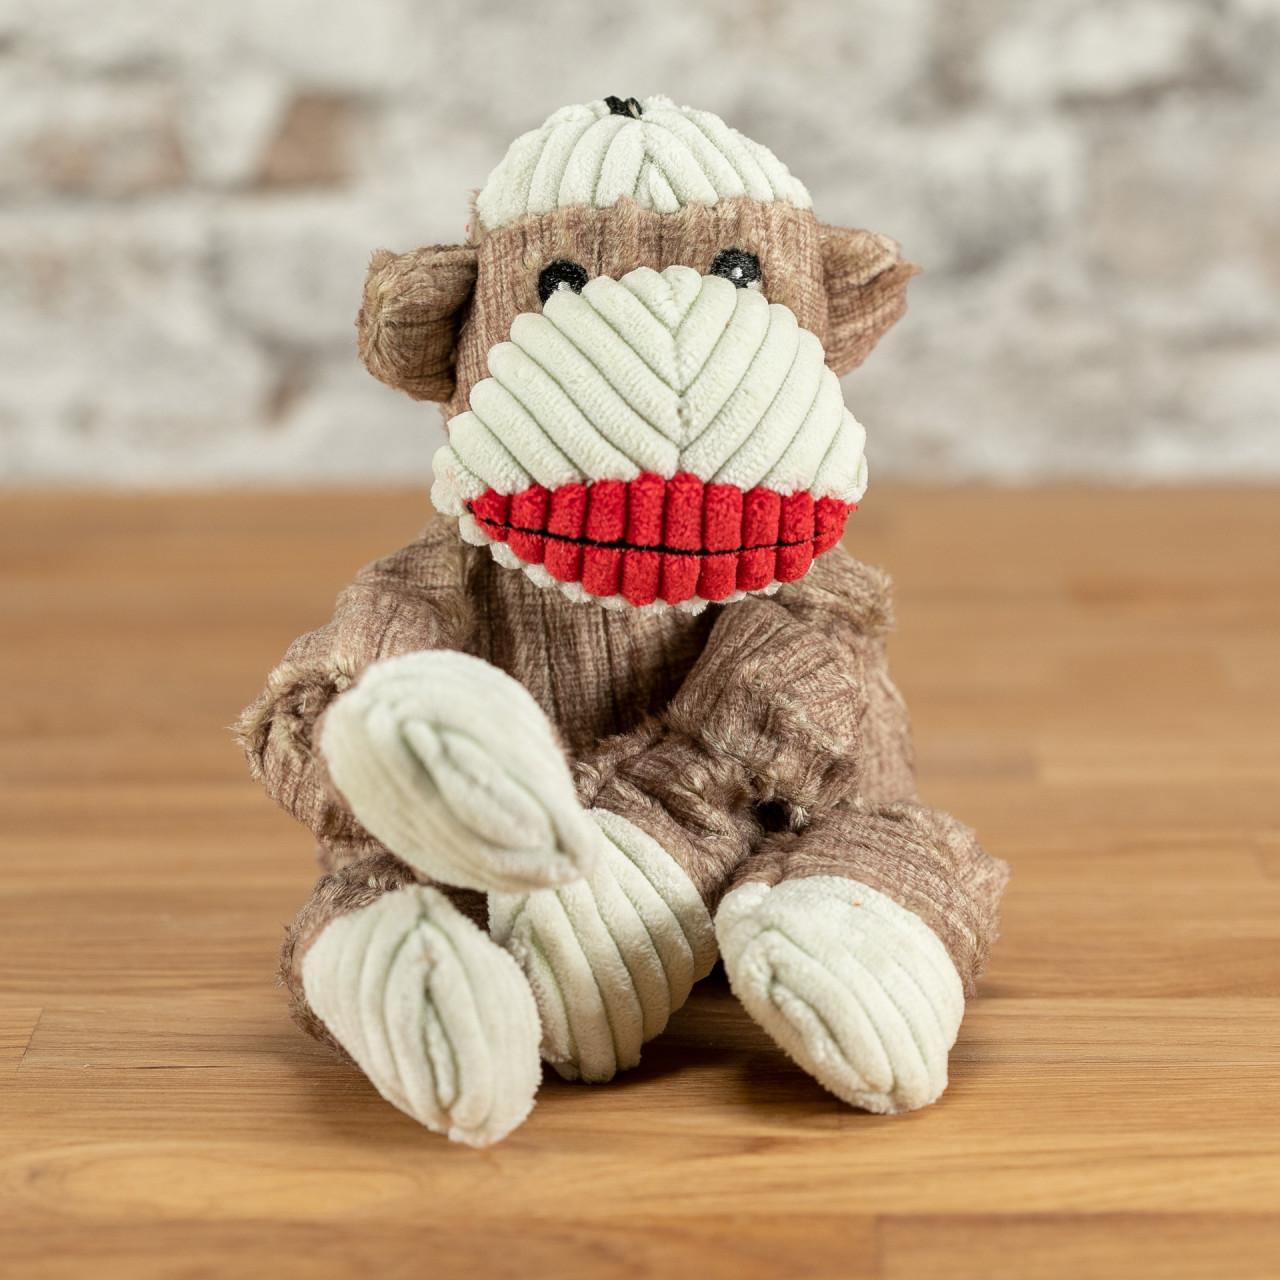 Hundespielzeug Herr Sock, der Affe